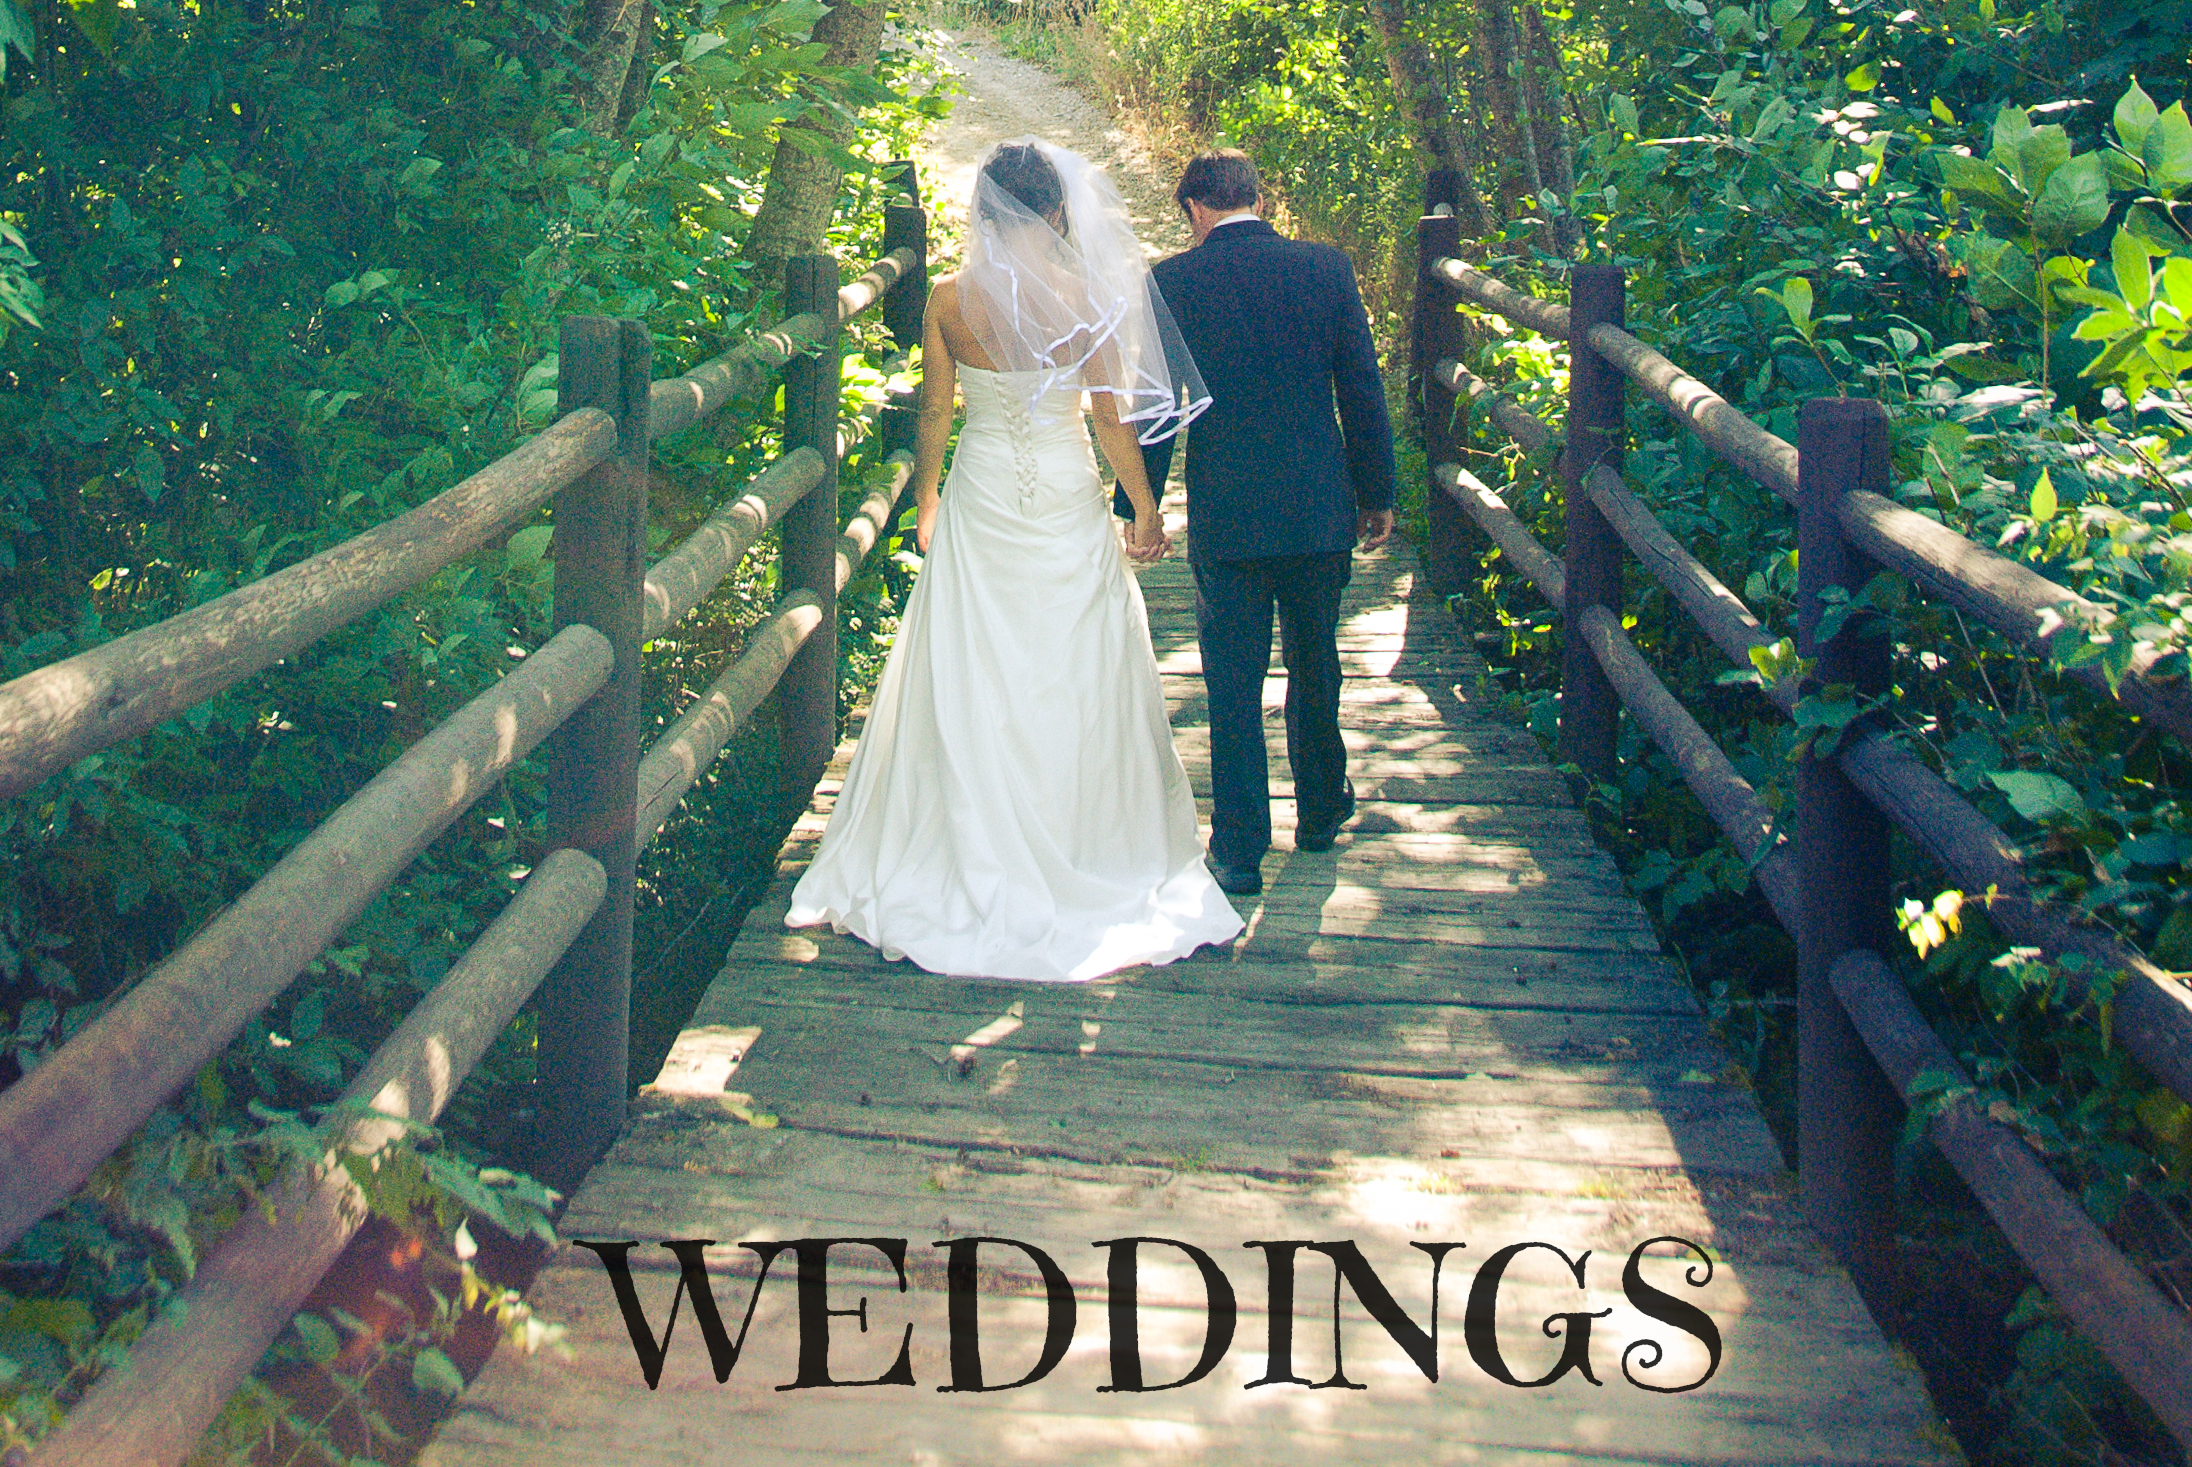 WEDDINGS HEADING.jpg